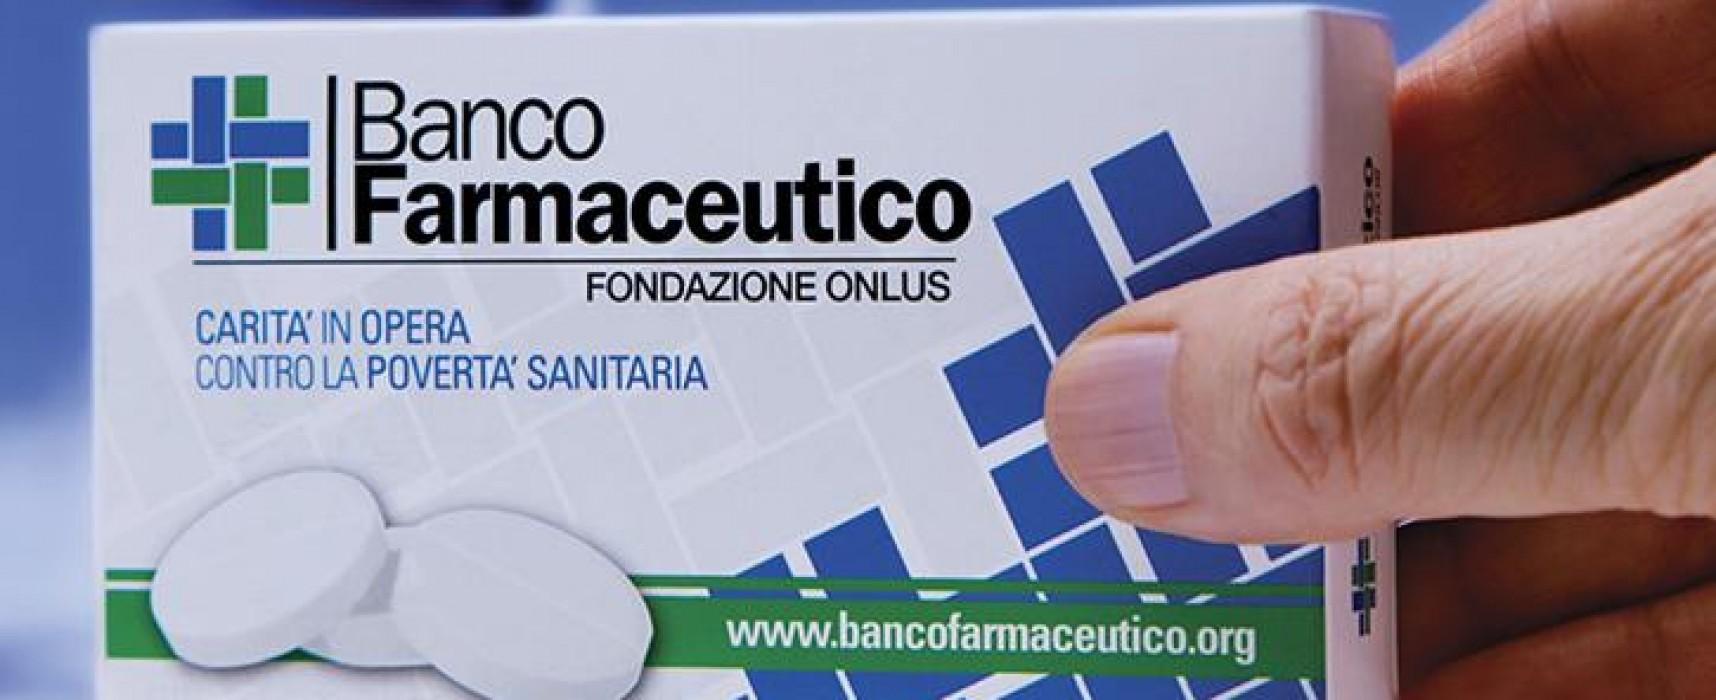 Domani, 9 febbraio, giornata per la raccolta del farmaco